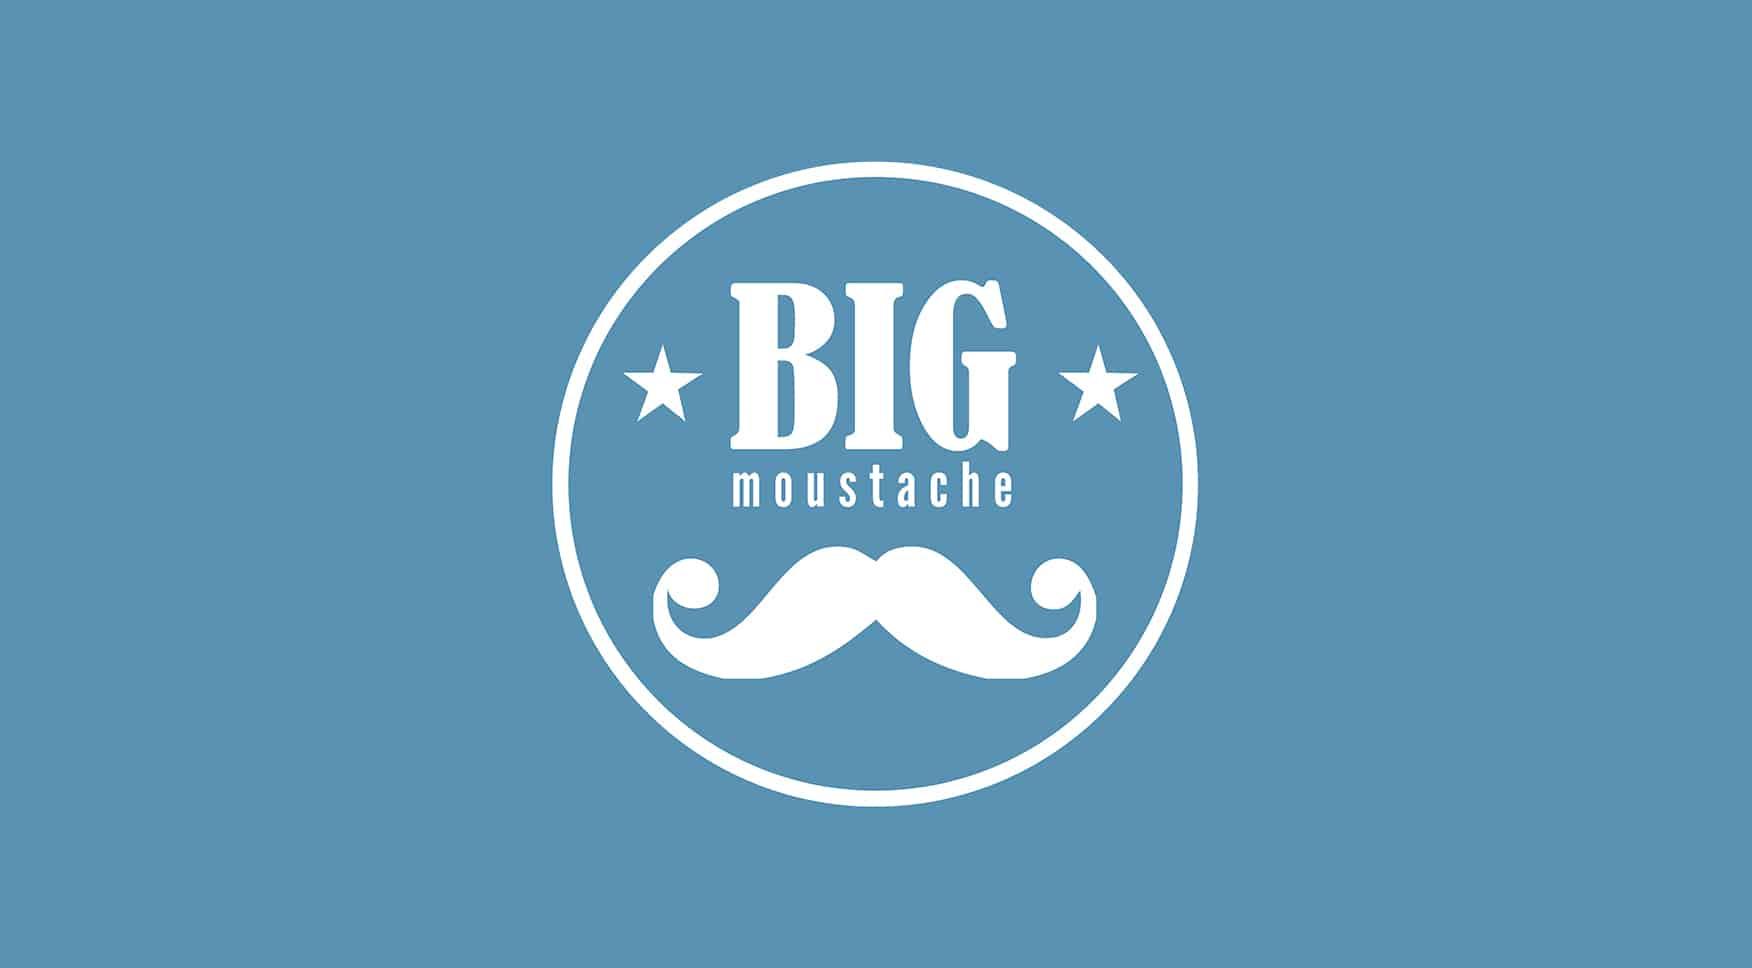 """Résultat de recherche d'images pour """"big moustache logo"""""""